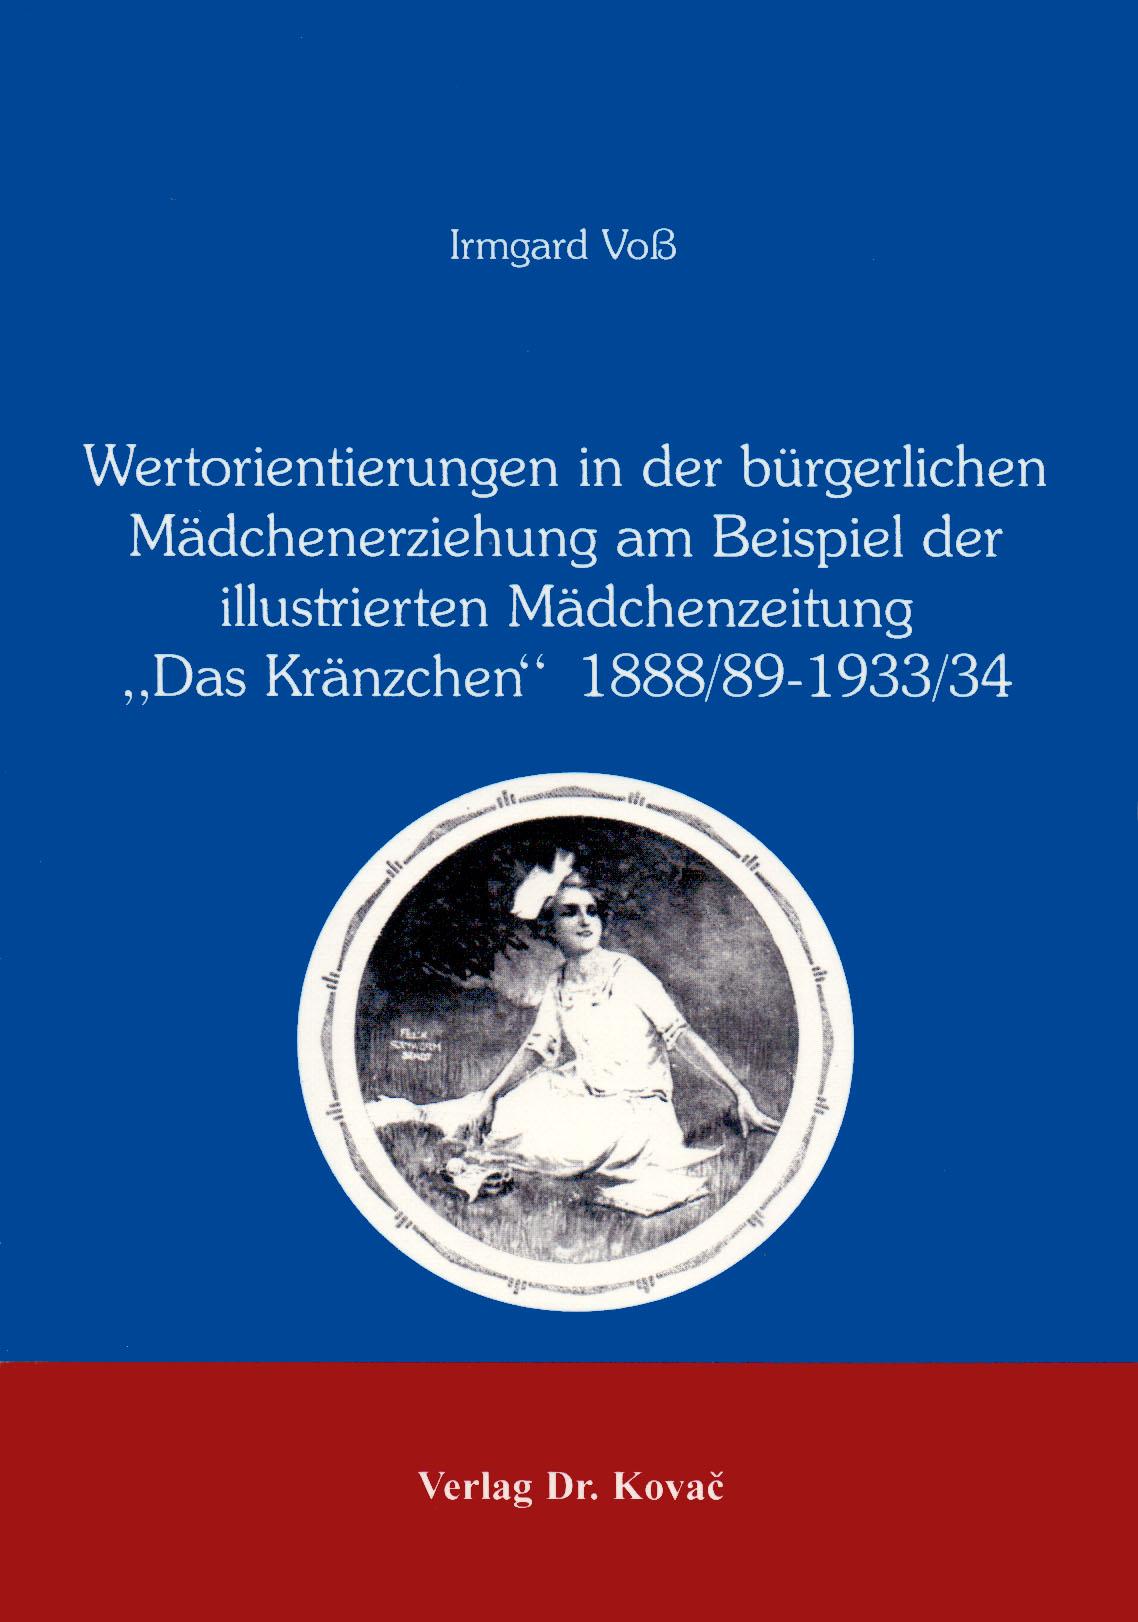 """Cover: Wertorientierungen in der bürgerlichen Mädchenerziehung am Beispiel der illustrierten Mädchenzeitung """"Das Kränzchen"""" 1888/89-1933/34"""